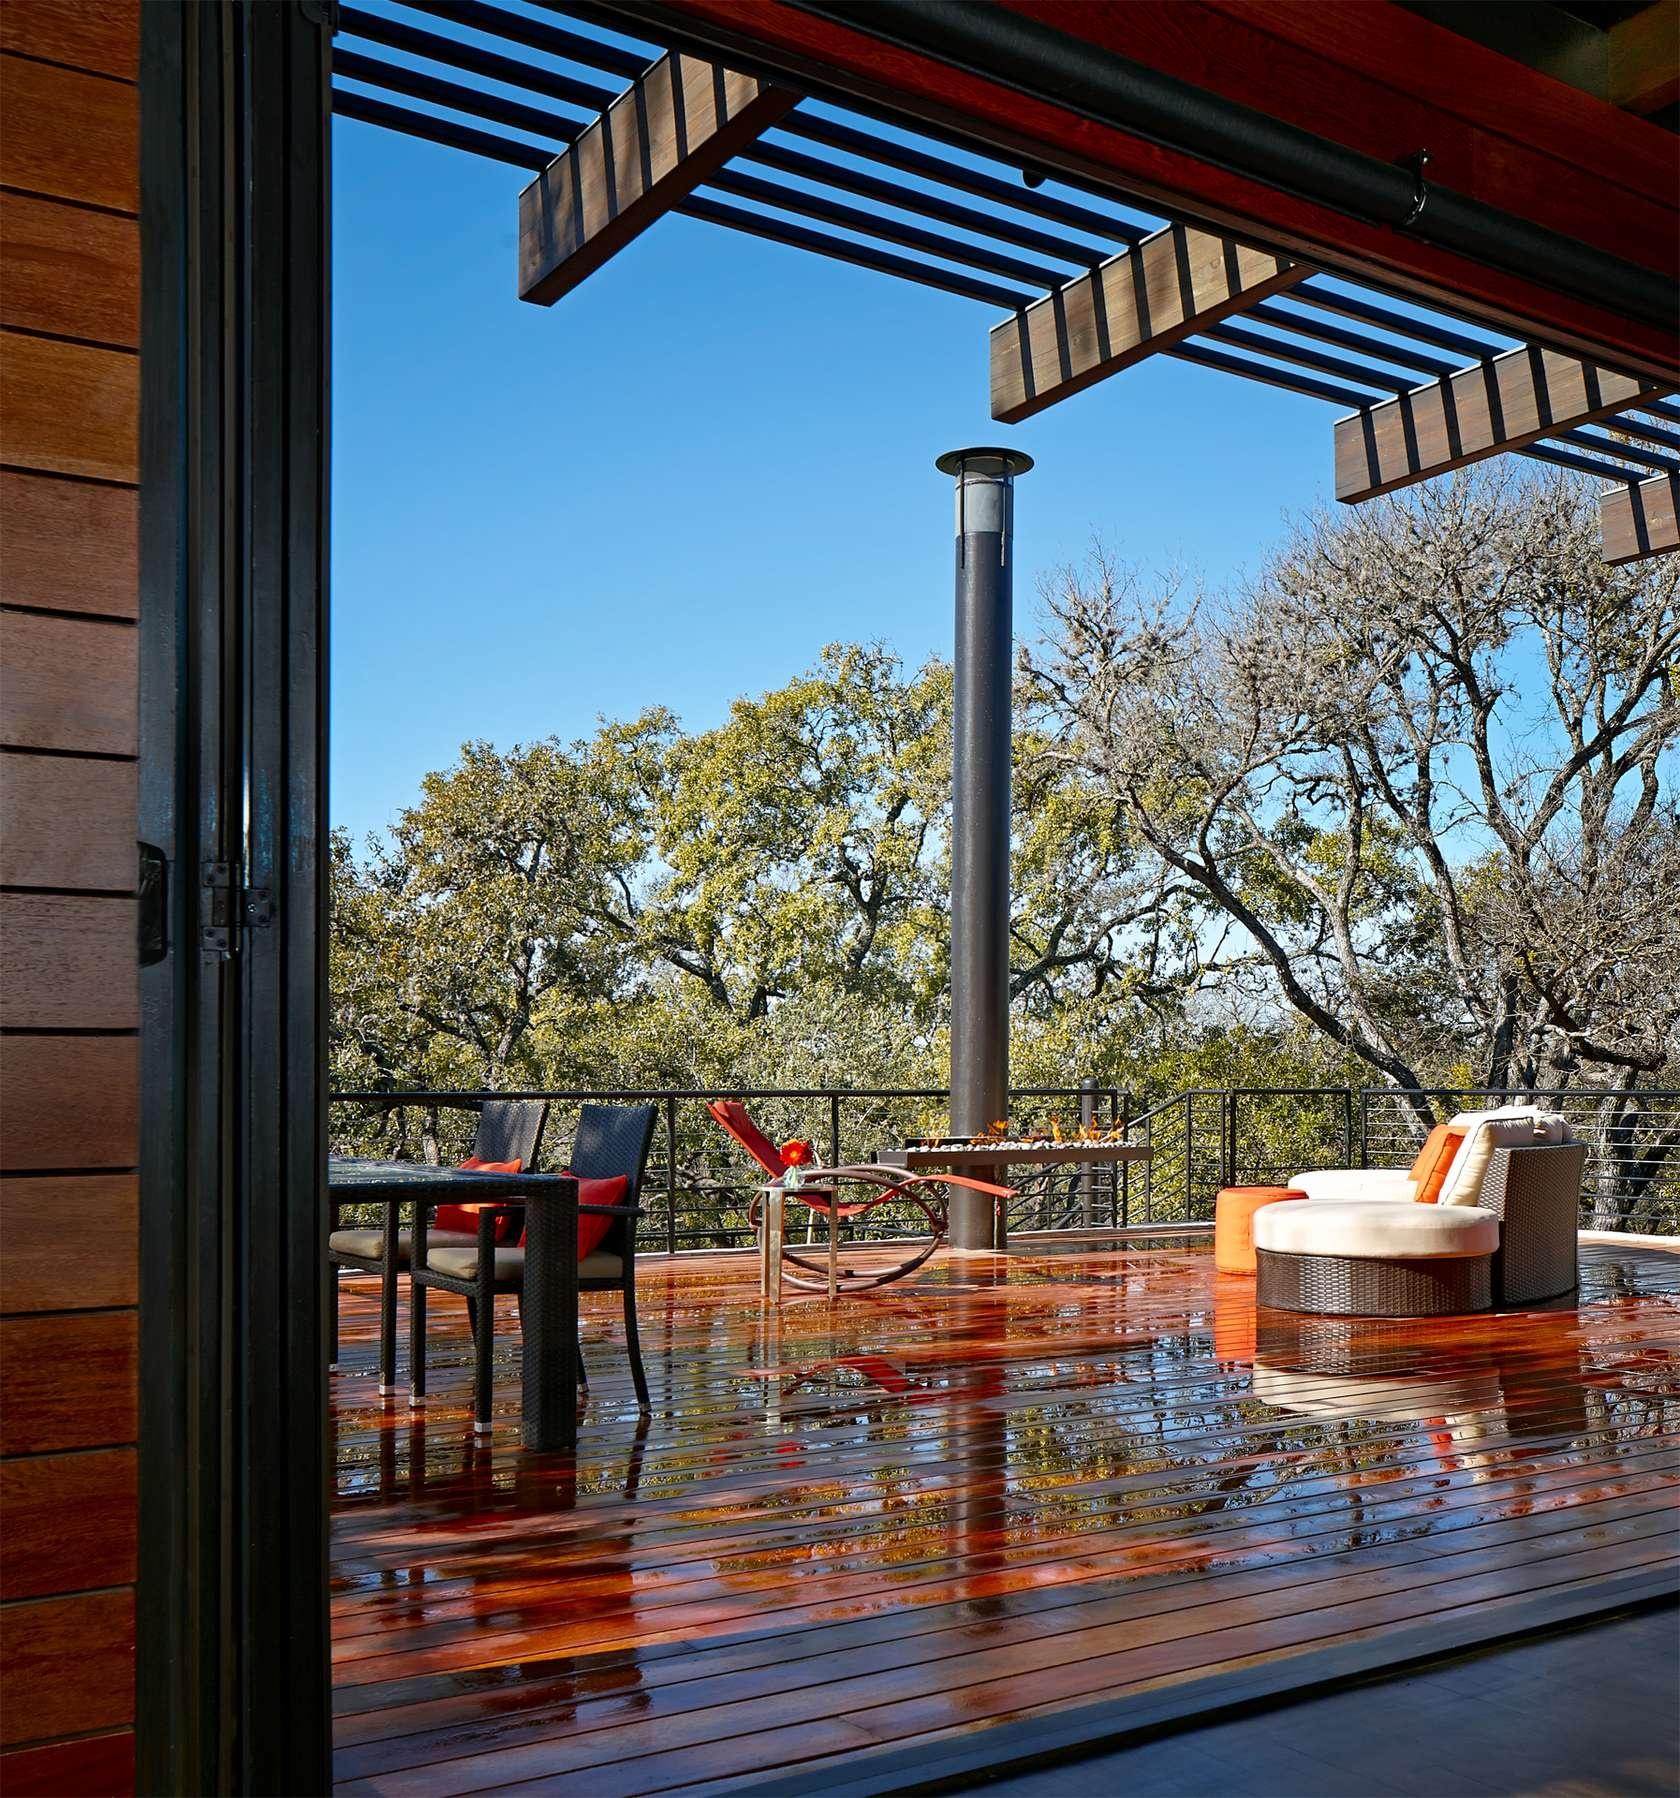 Vďaka skleneným dverám a obrovským oknám je prepojenie obývačky s exteriérom veľmi harmonické. Aj počas daždivého počasia si tak môžete vychutnať pohľad na vonkajší svet.